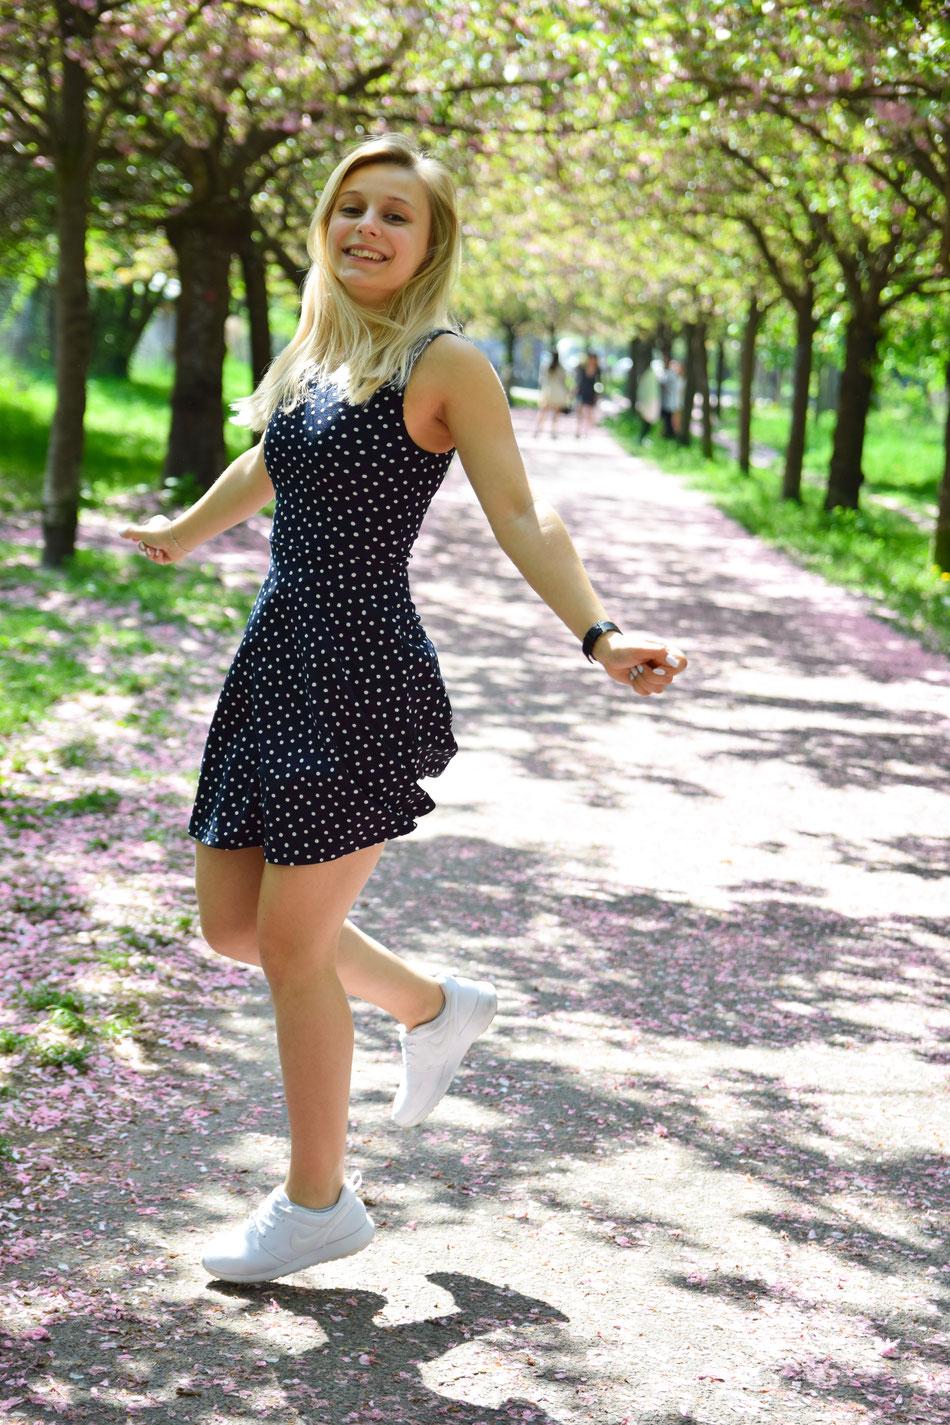 Hier habe ich eigentlich versucht zu springen, aber es sieht aus als würde ich tanzen. Ich mags total.